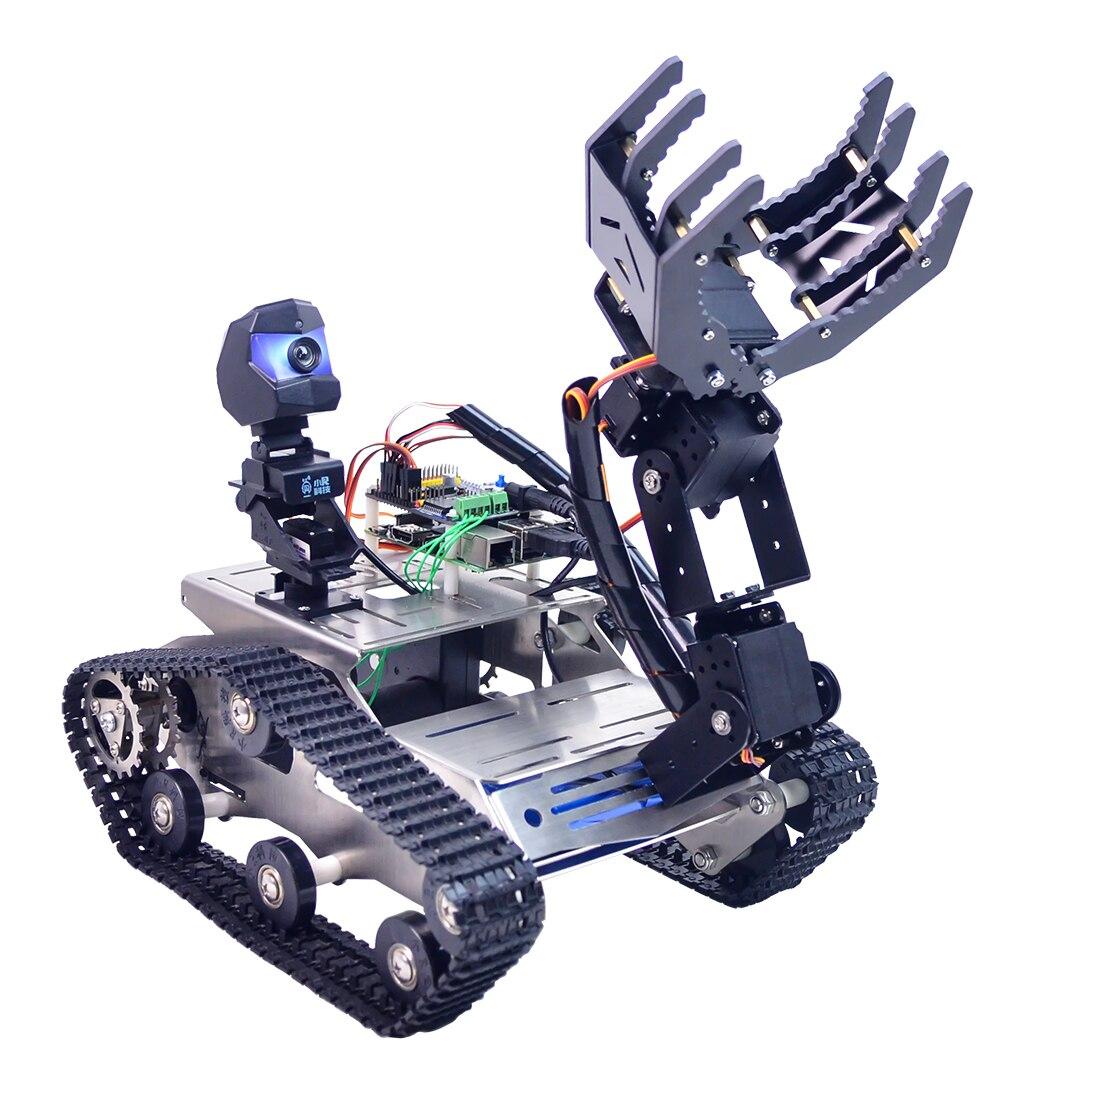 Kit de voiture Robot réservoir FPV WiFi Bluetooth Programmable avec bras pour Arduino MEGA pour enfant-Version Standard grande griffe/petite griffe